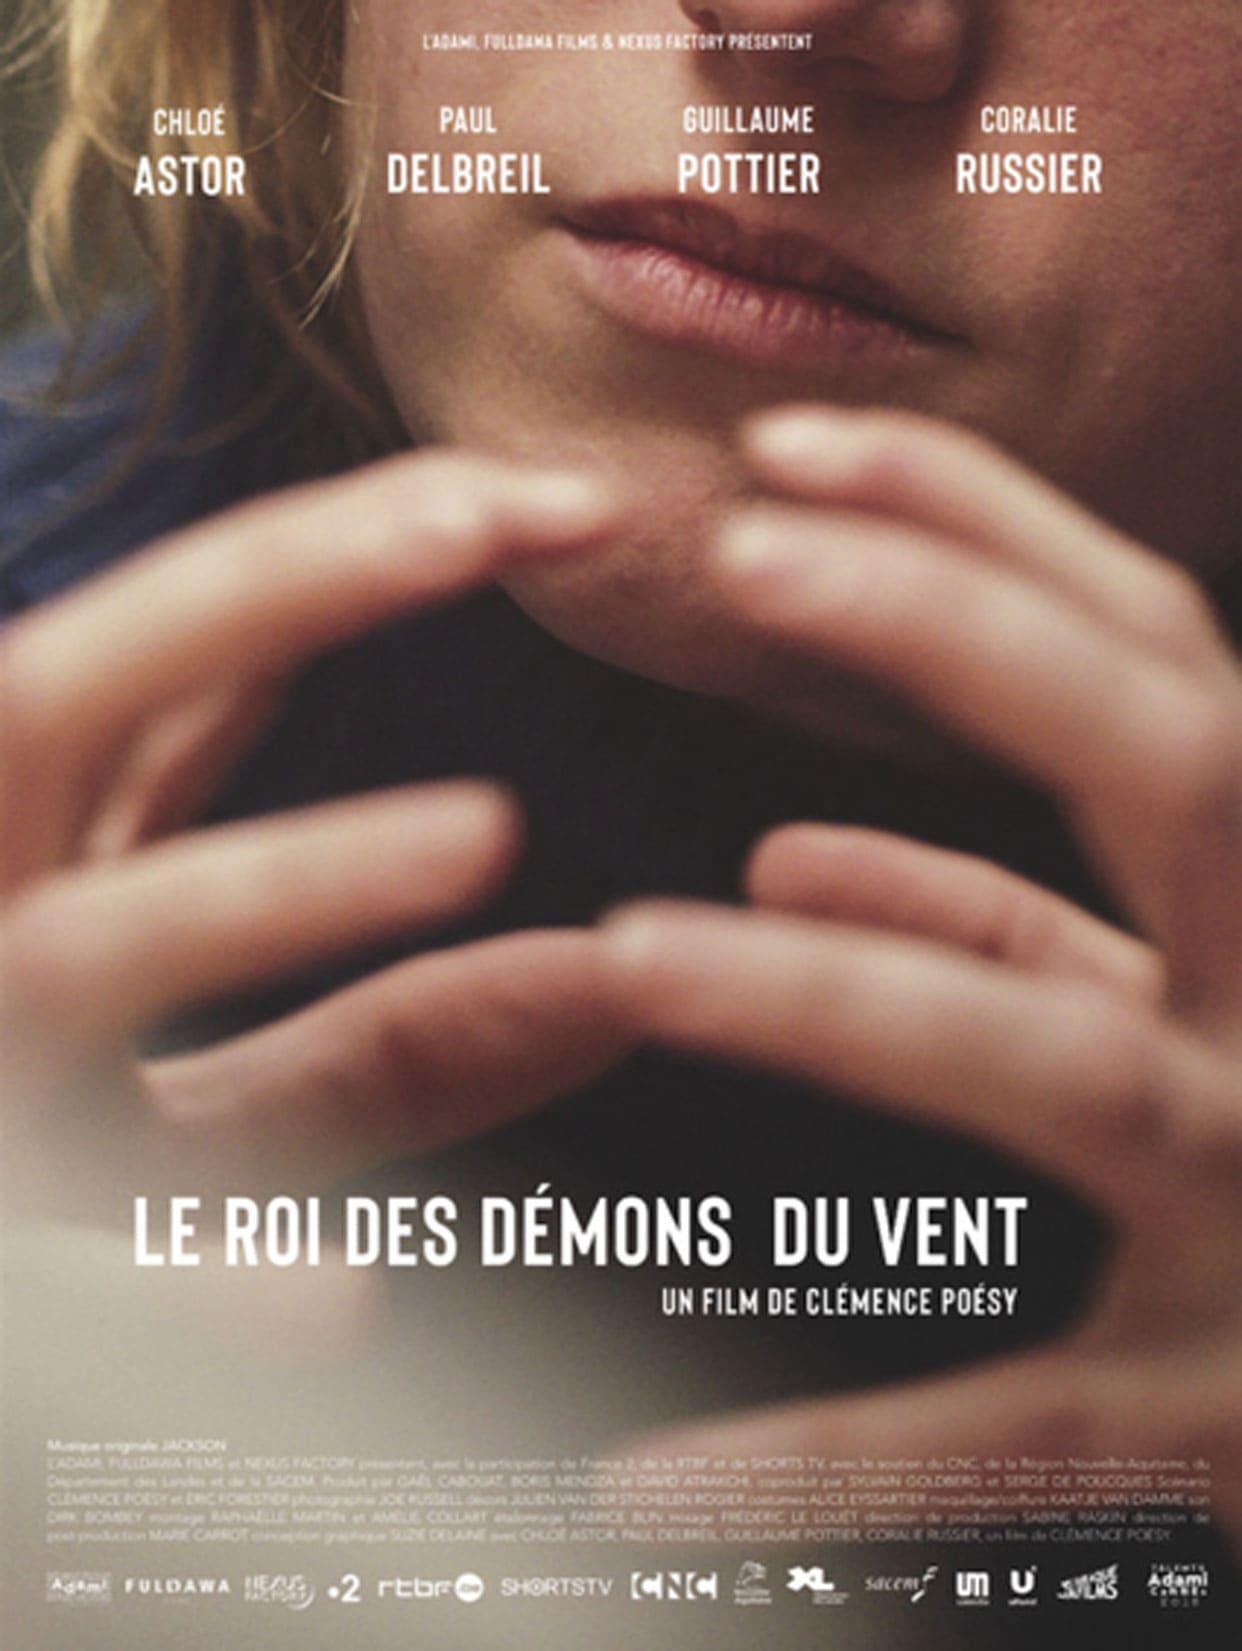 LE-ROI-DES-DEMONS-DU-VENT-Clemence-Poesy